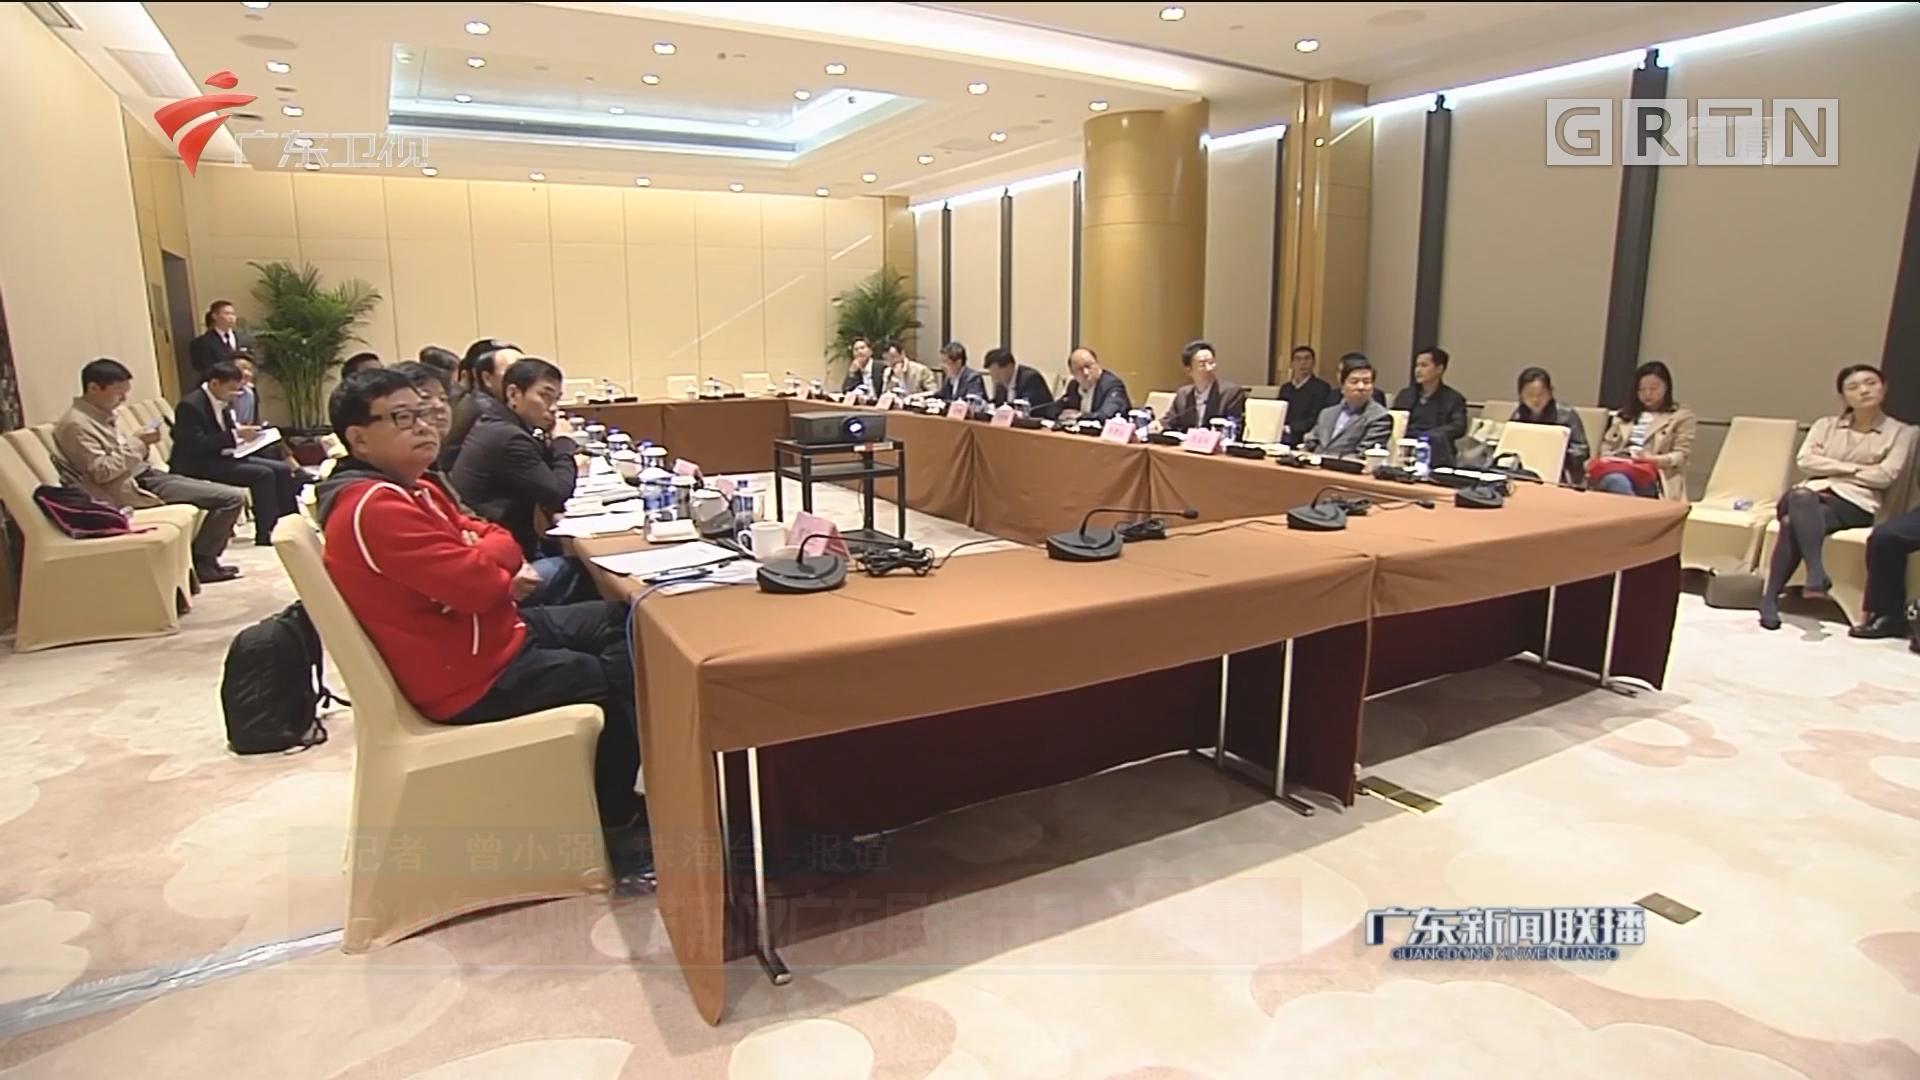 2018年央视春节期间广东展播节目成功彩排